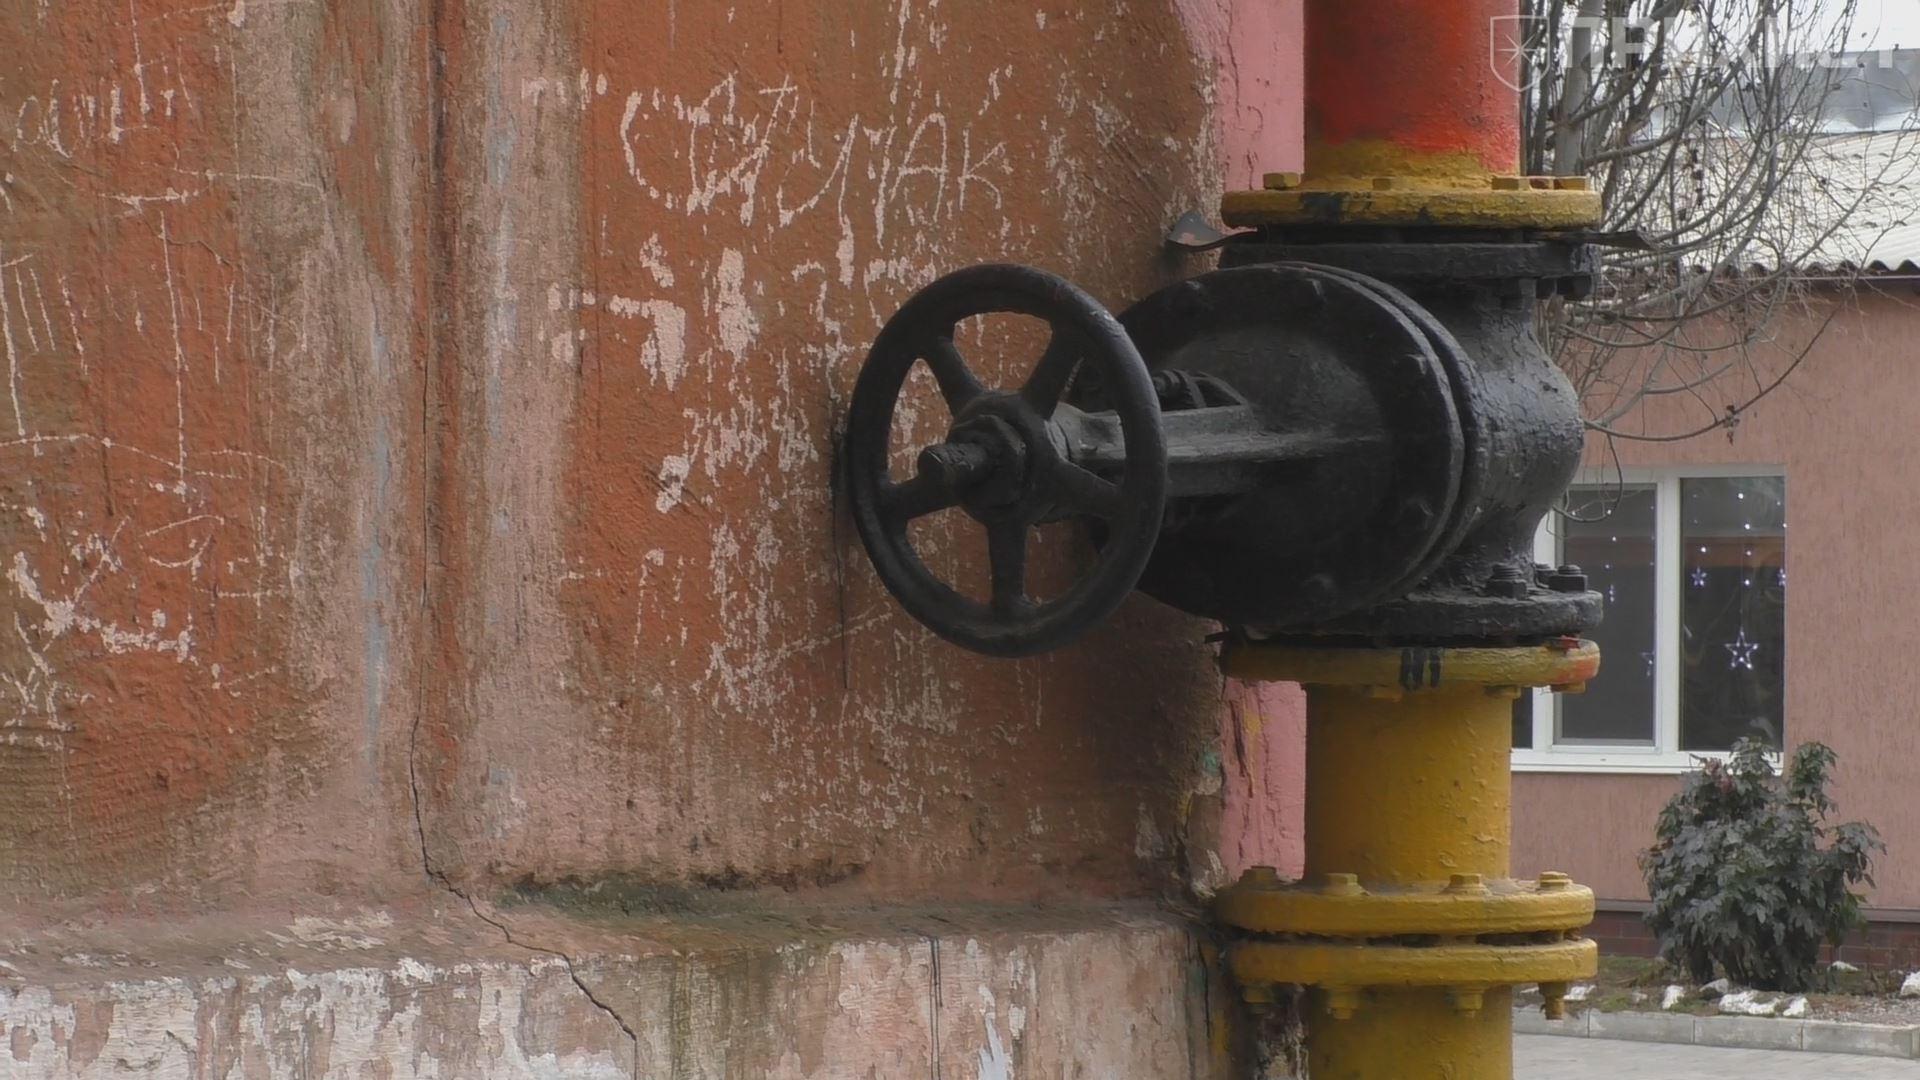 Витік газу, чи спроба заробити: мешканців будинку по вул. Дружби, 2 залишили без газу на три доби | Прихист